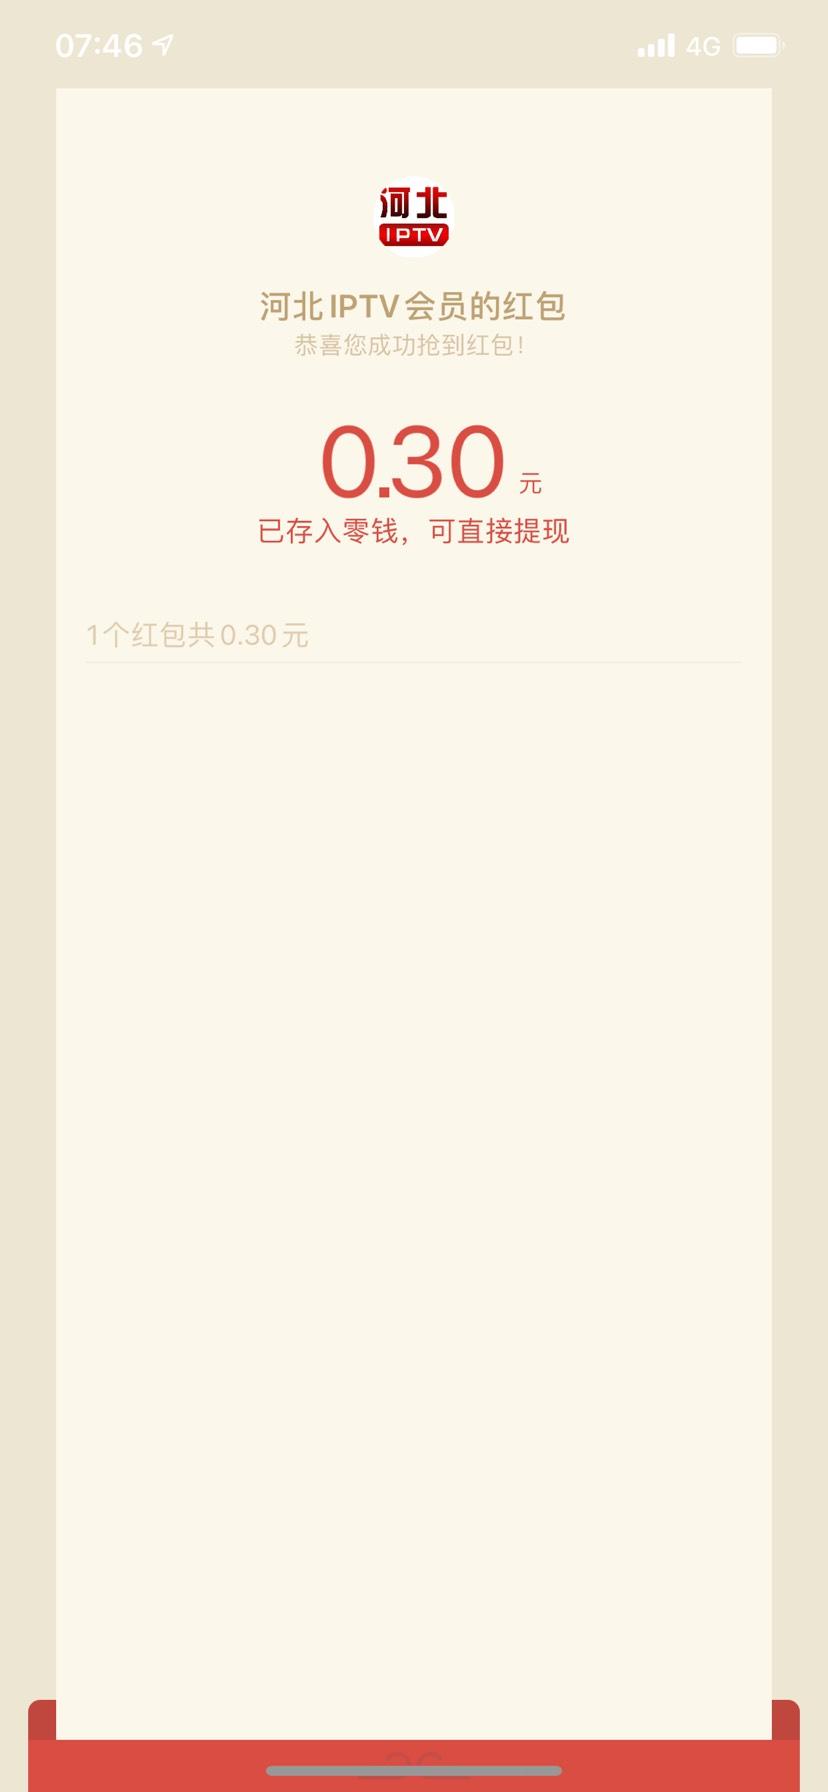 河北IPTV会员分享抽红包